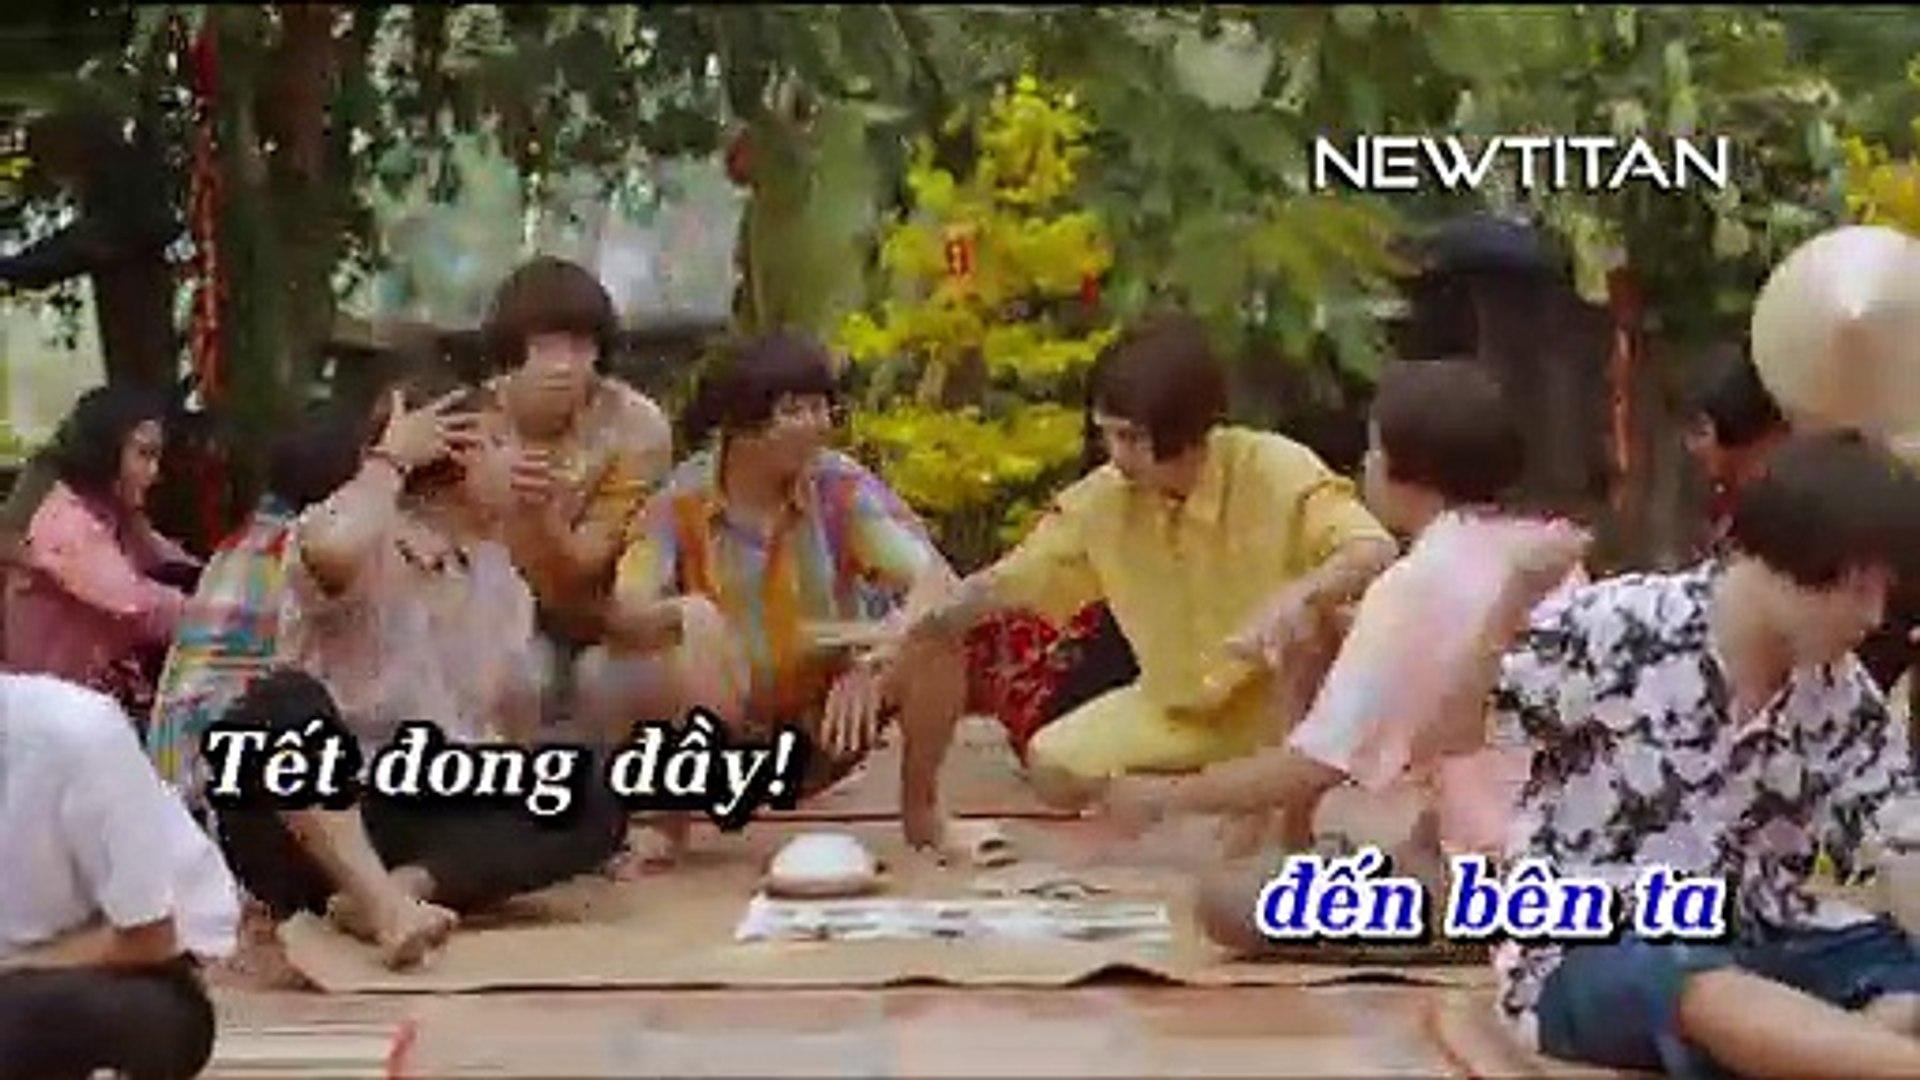 [Karaoke] Tết Đong Đầy - Kay Trần Ft. Nguyễn Khoa [Beat]